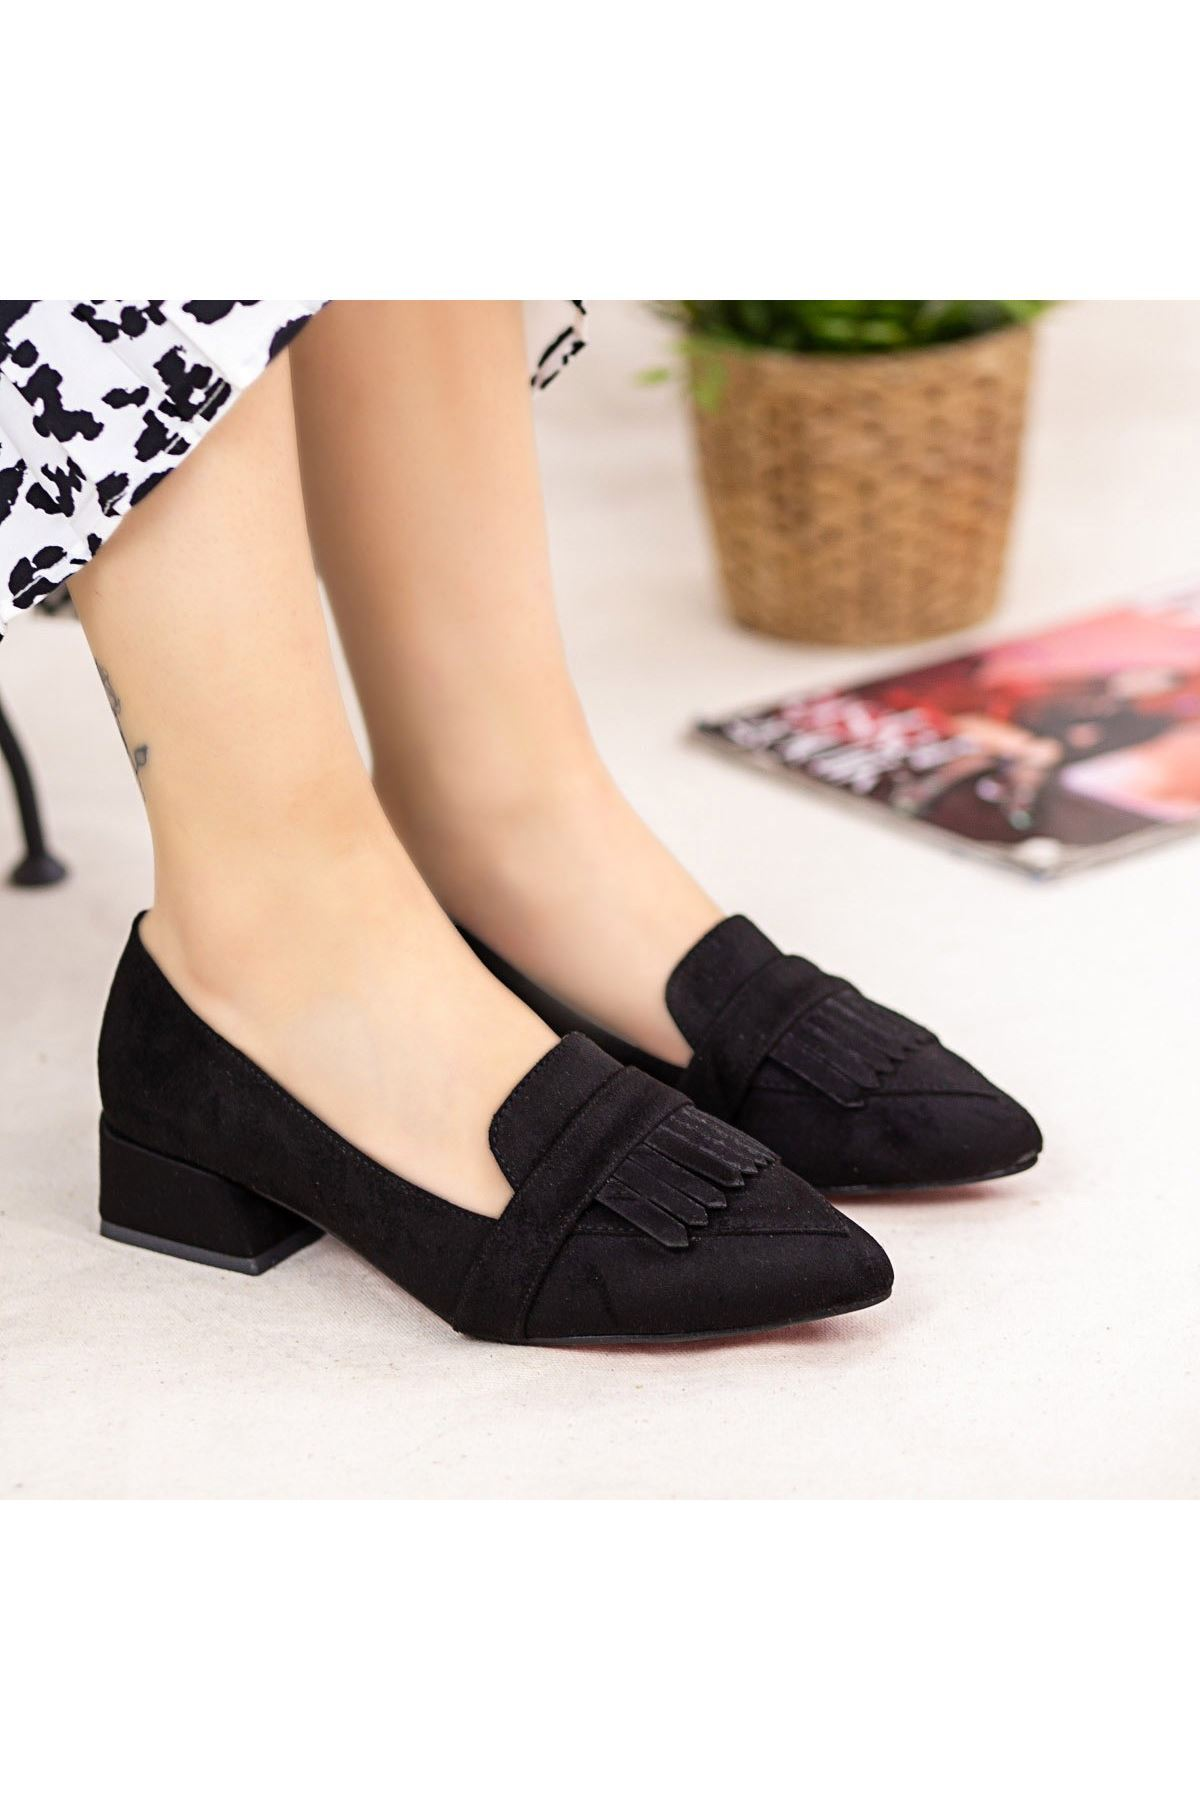 Erb006 Siyah Süet Topuklu Ayakkabı